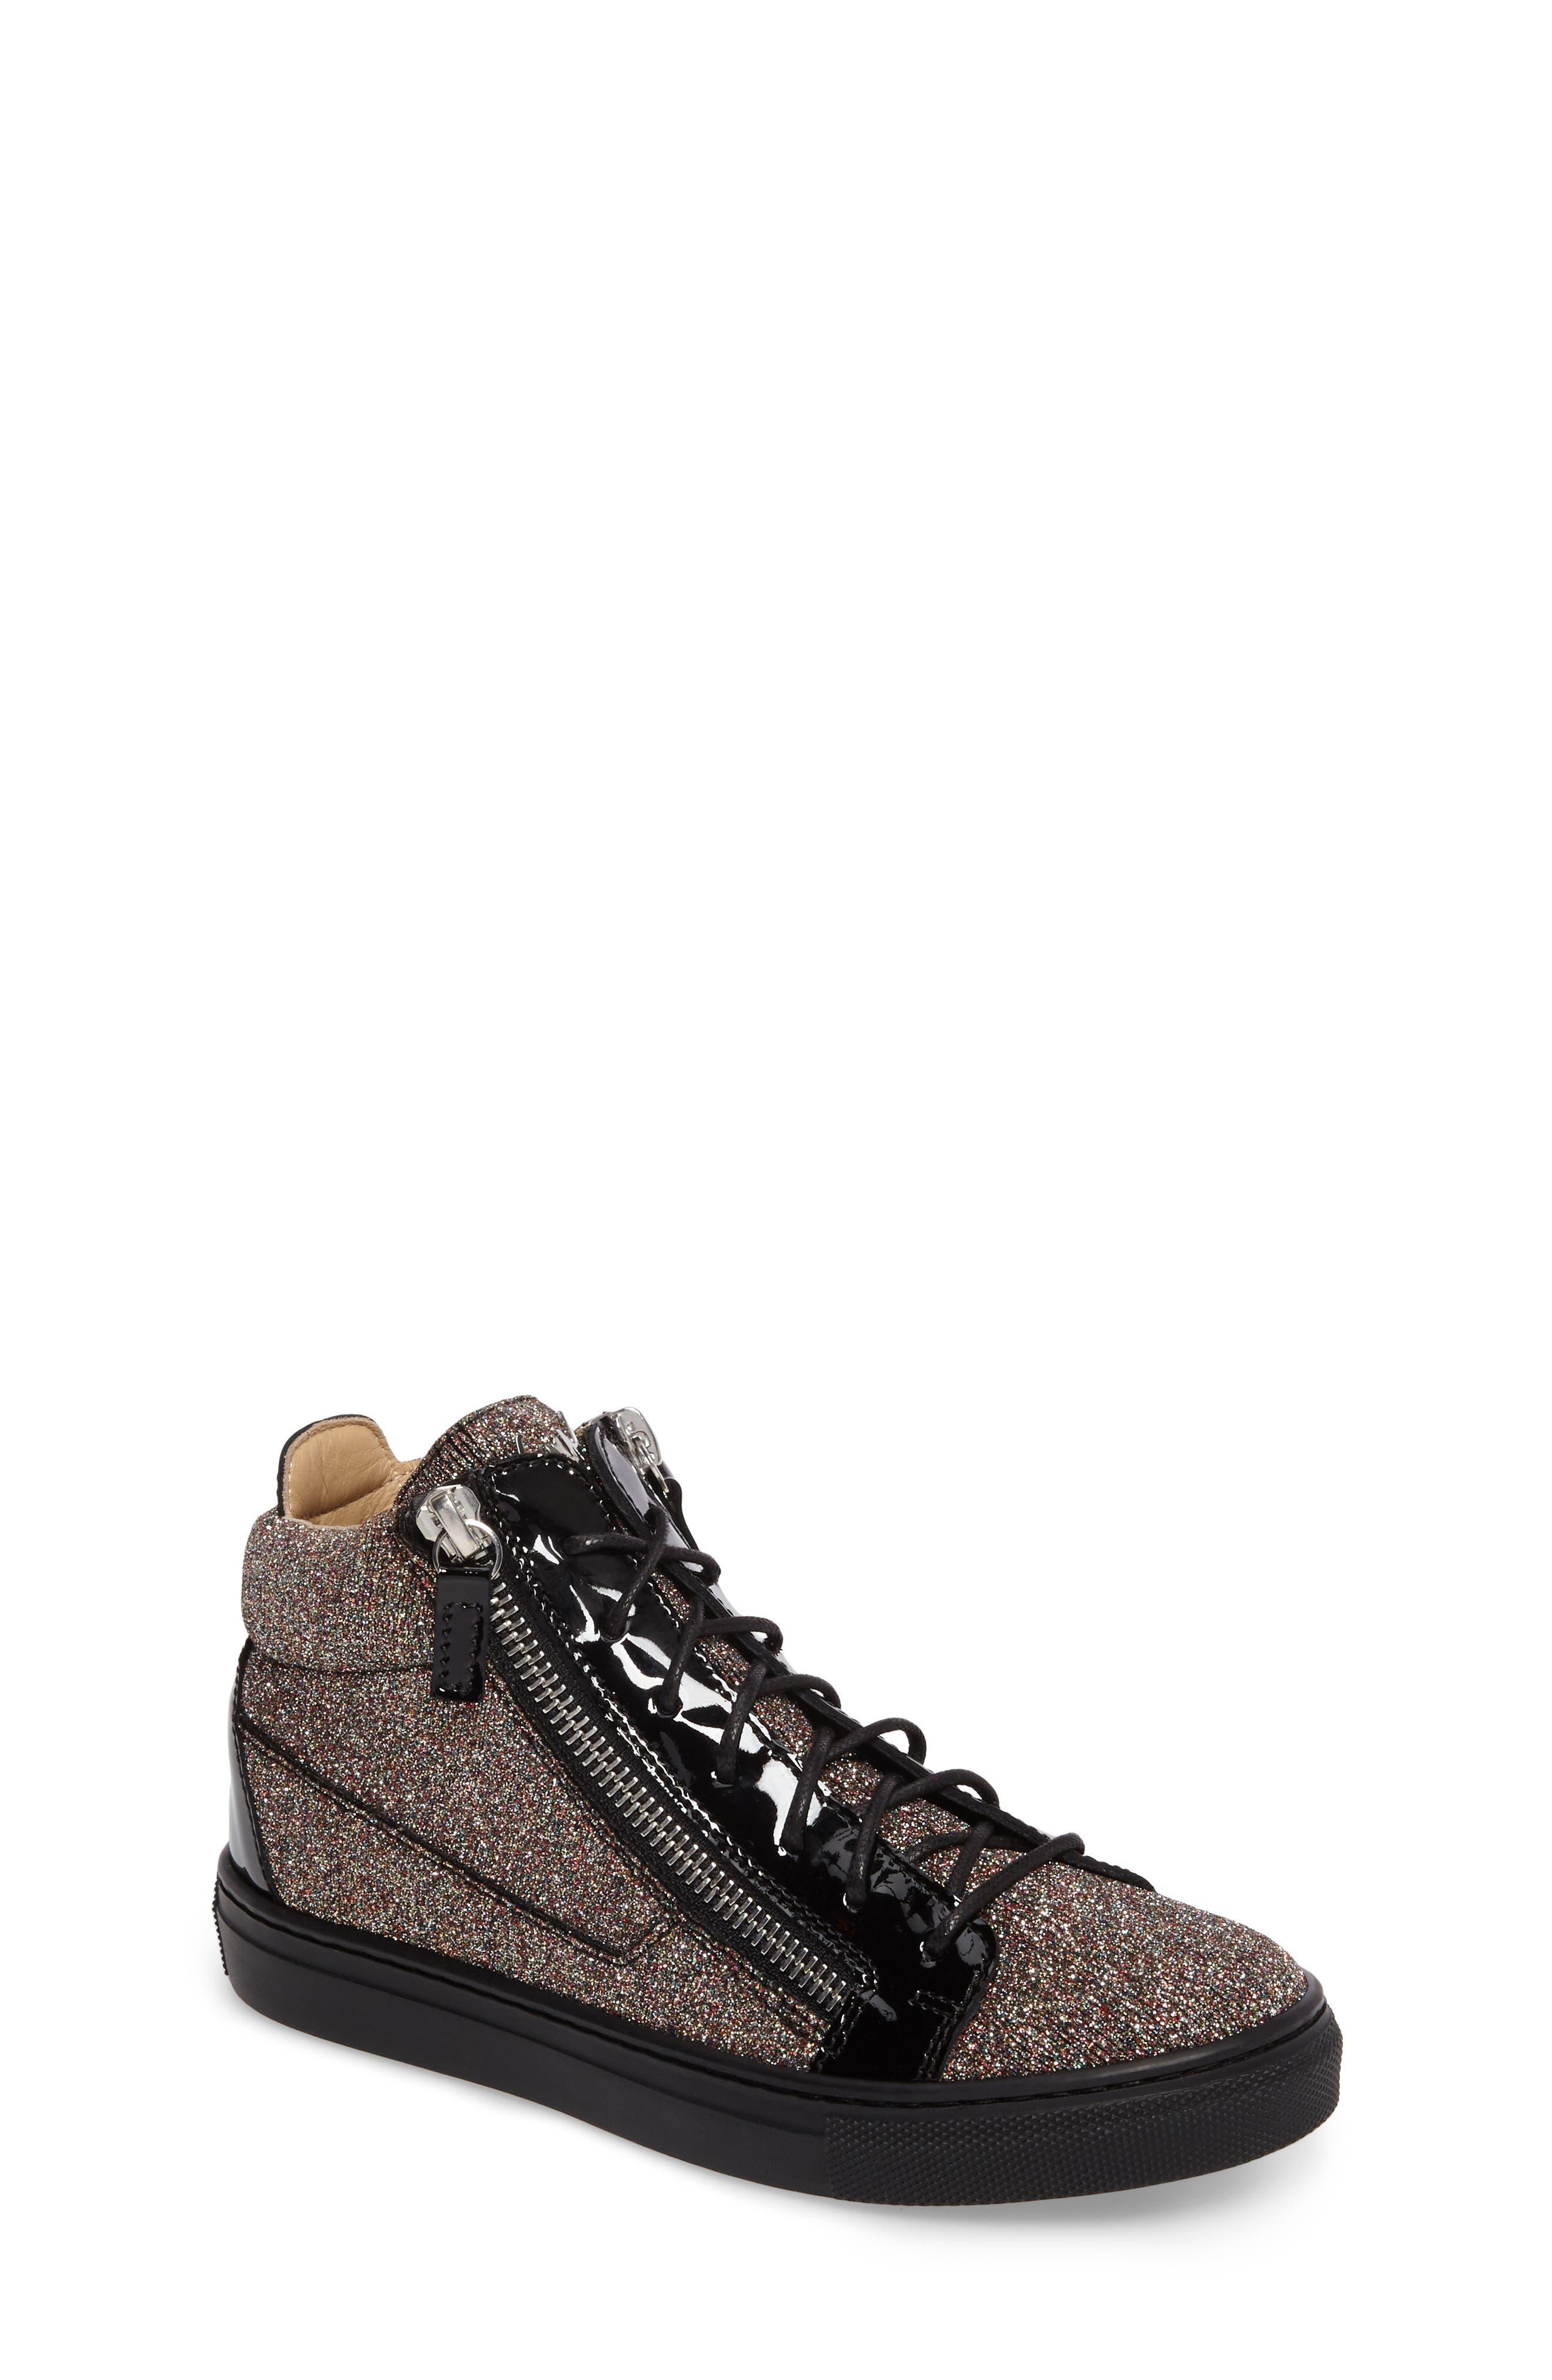 Giuseppe Zanotti Natalie High Top Sneaker (Baby, Walker, Toddler & Little Kid)